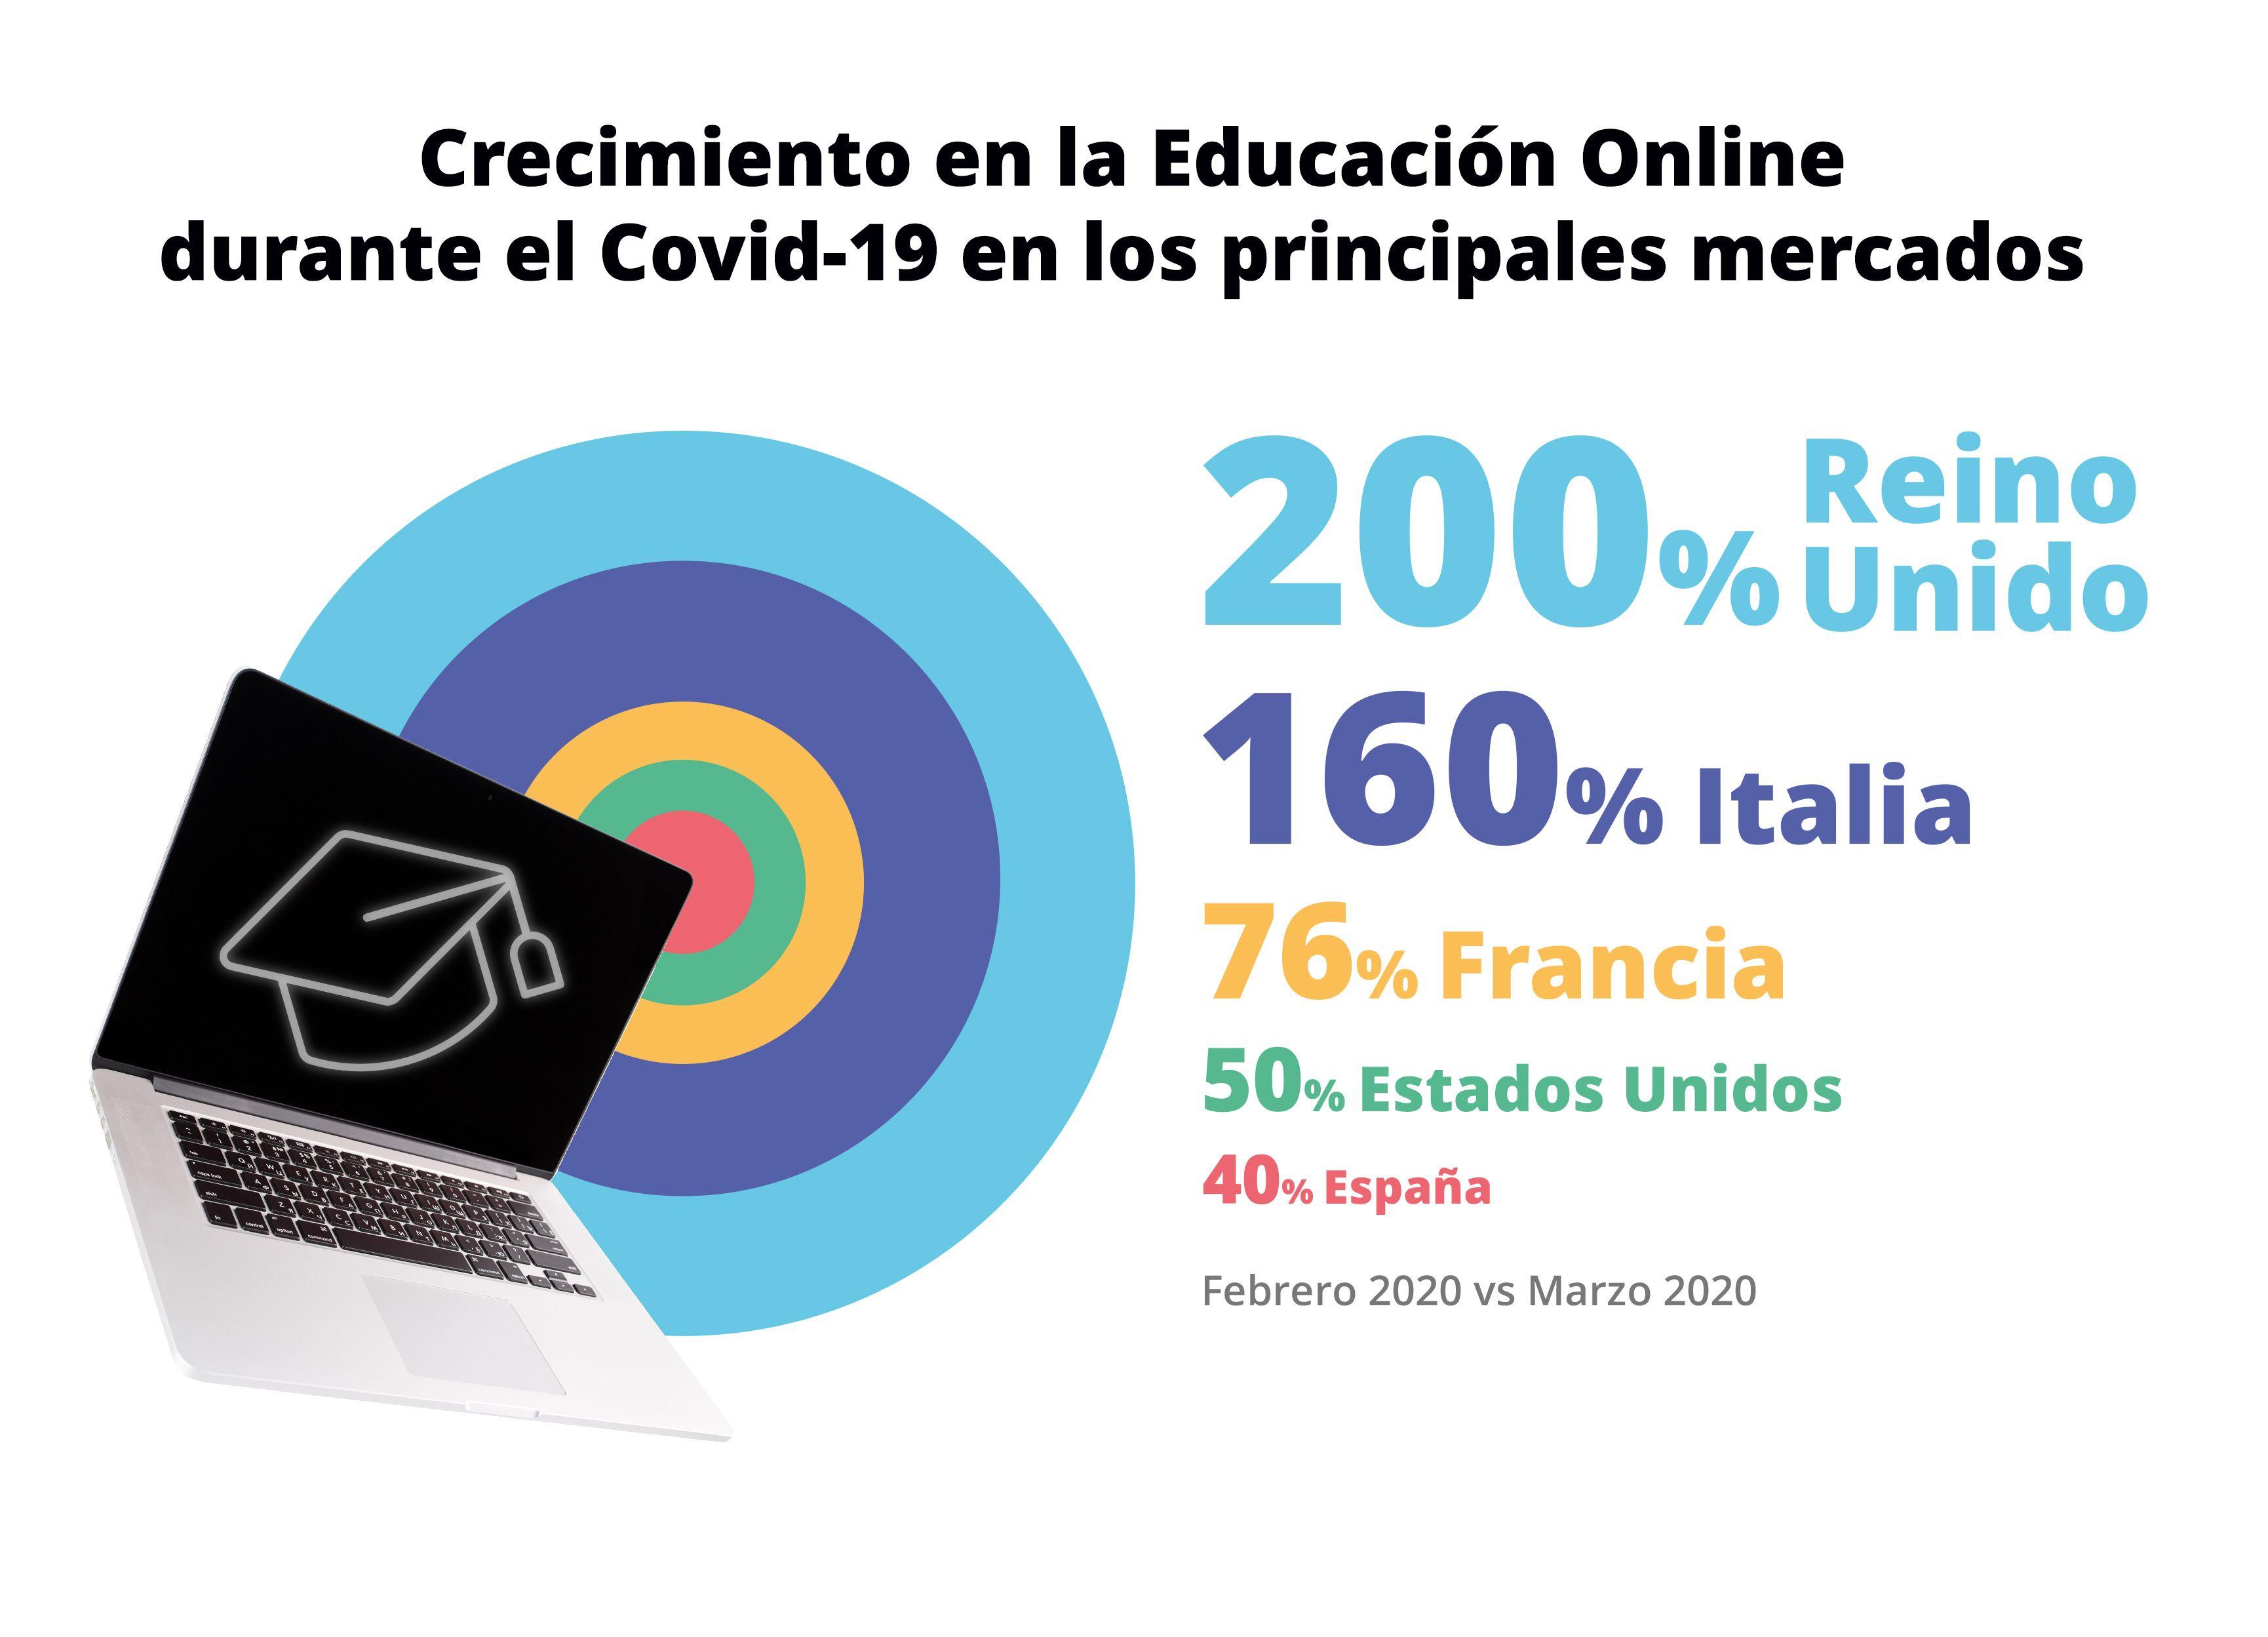 Los menores dedicaron cinco veces más tiempo a las apps educativas que a las redes sociales por el coronavirus